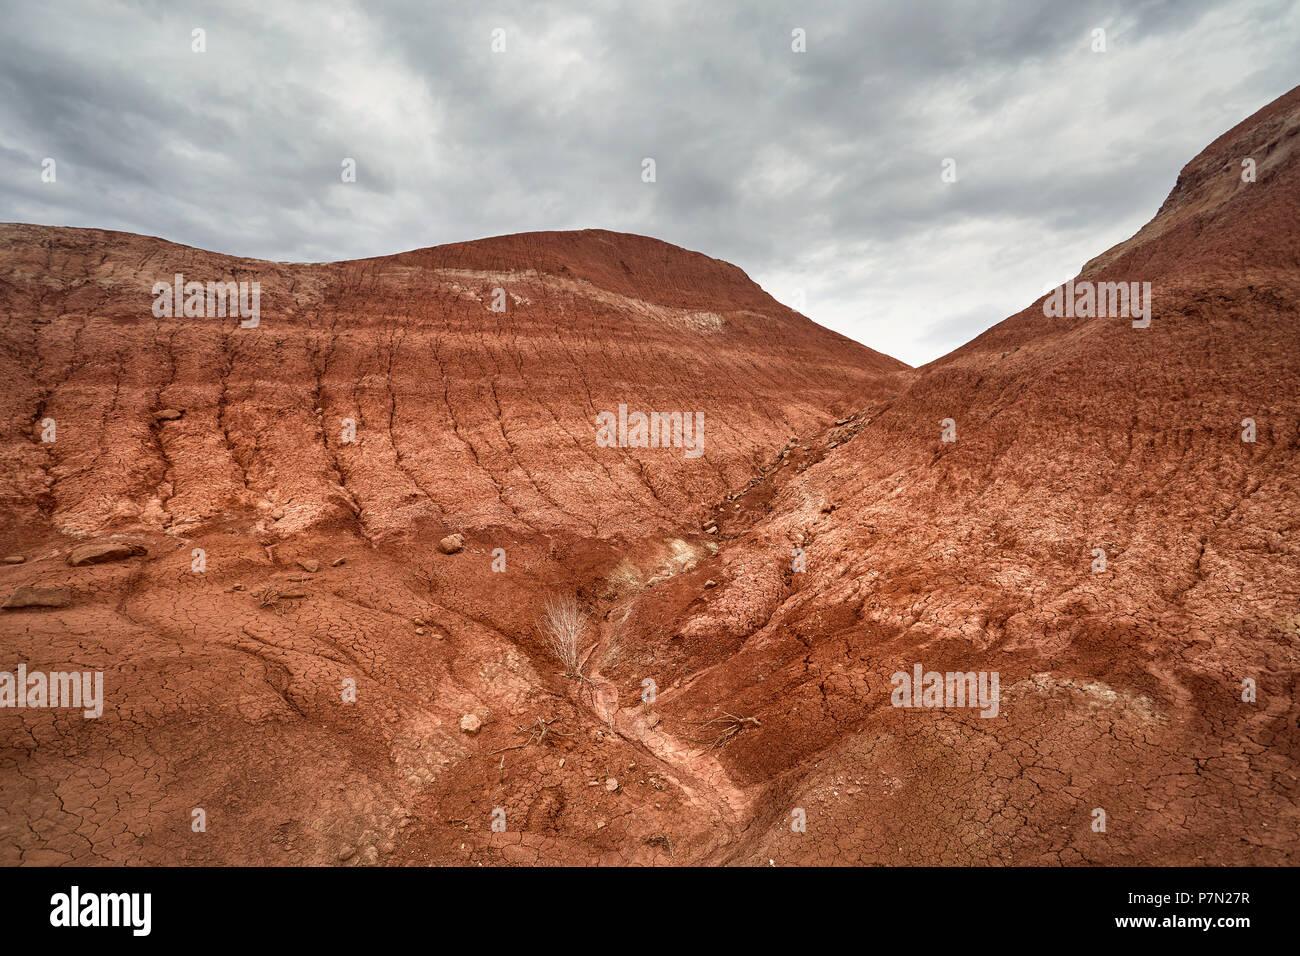 Rot gestreifte Berge bei bedecktem Himmel im Desert Park Altyn Emel in Kasachstan Stockbild